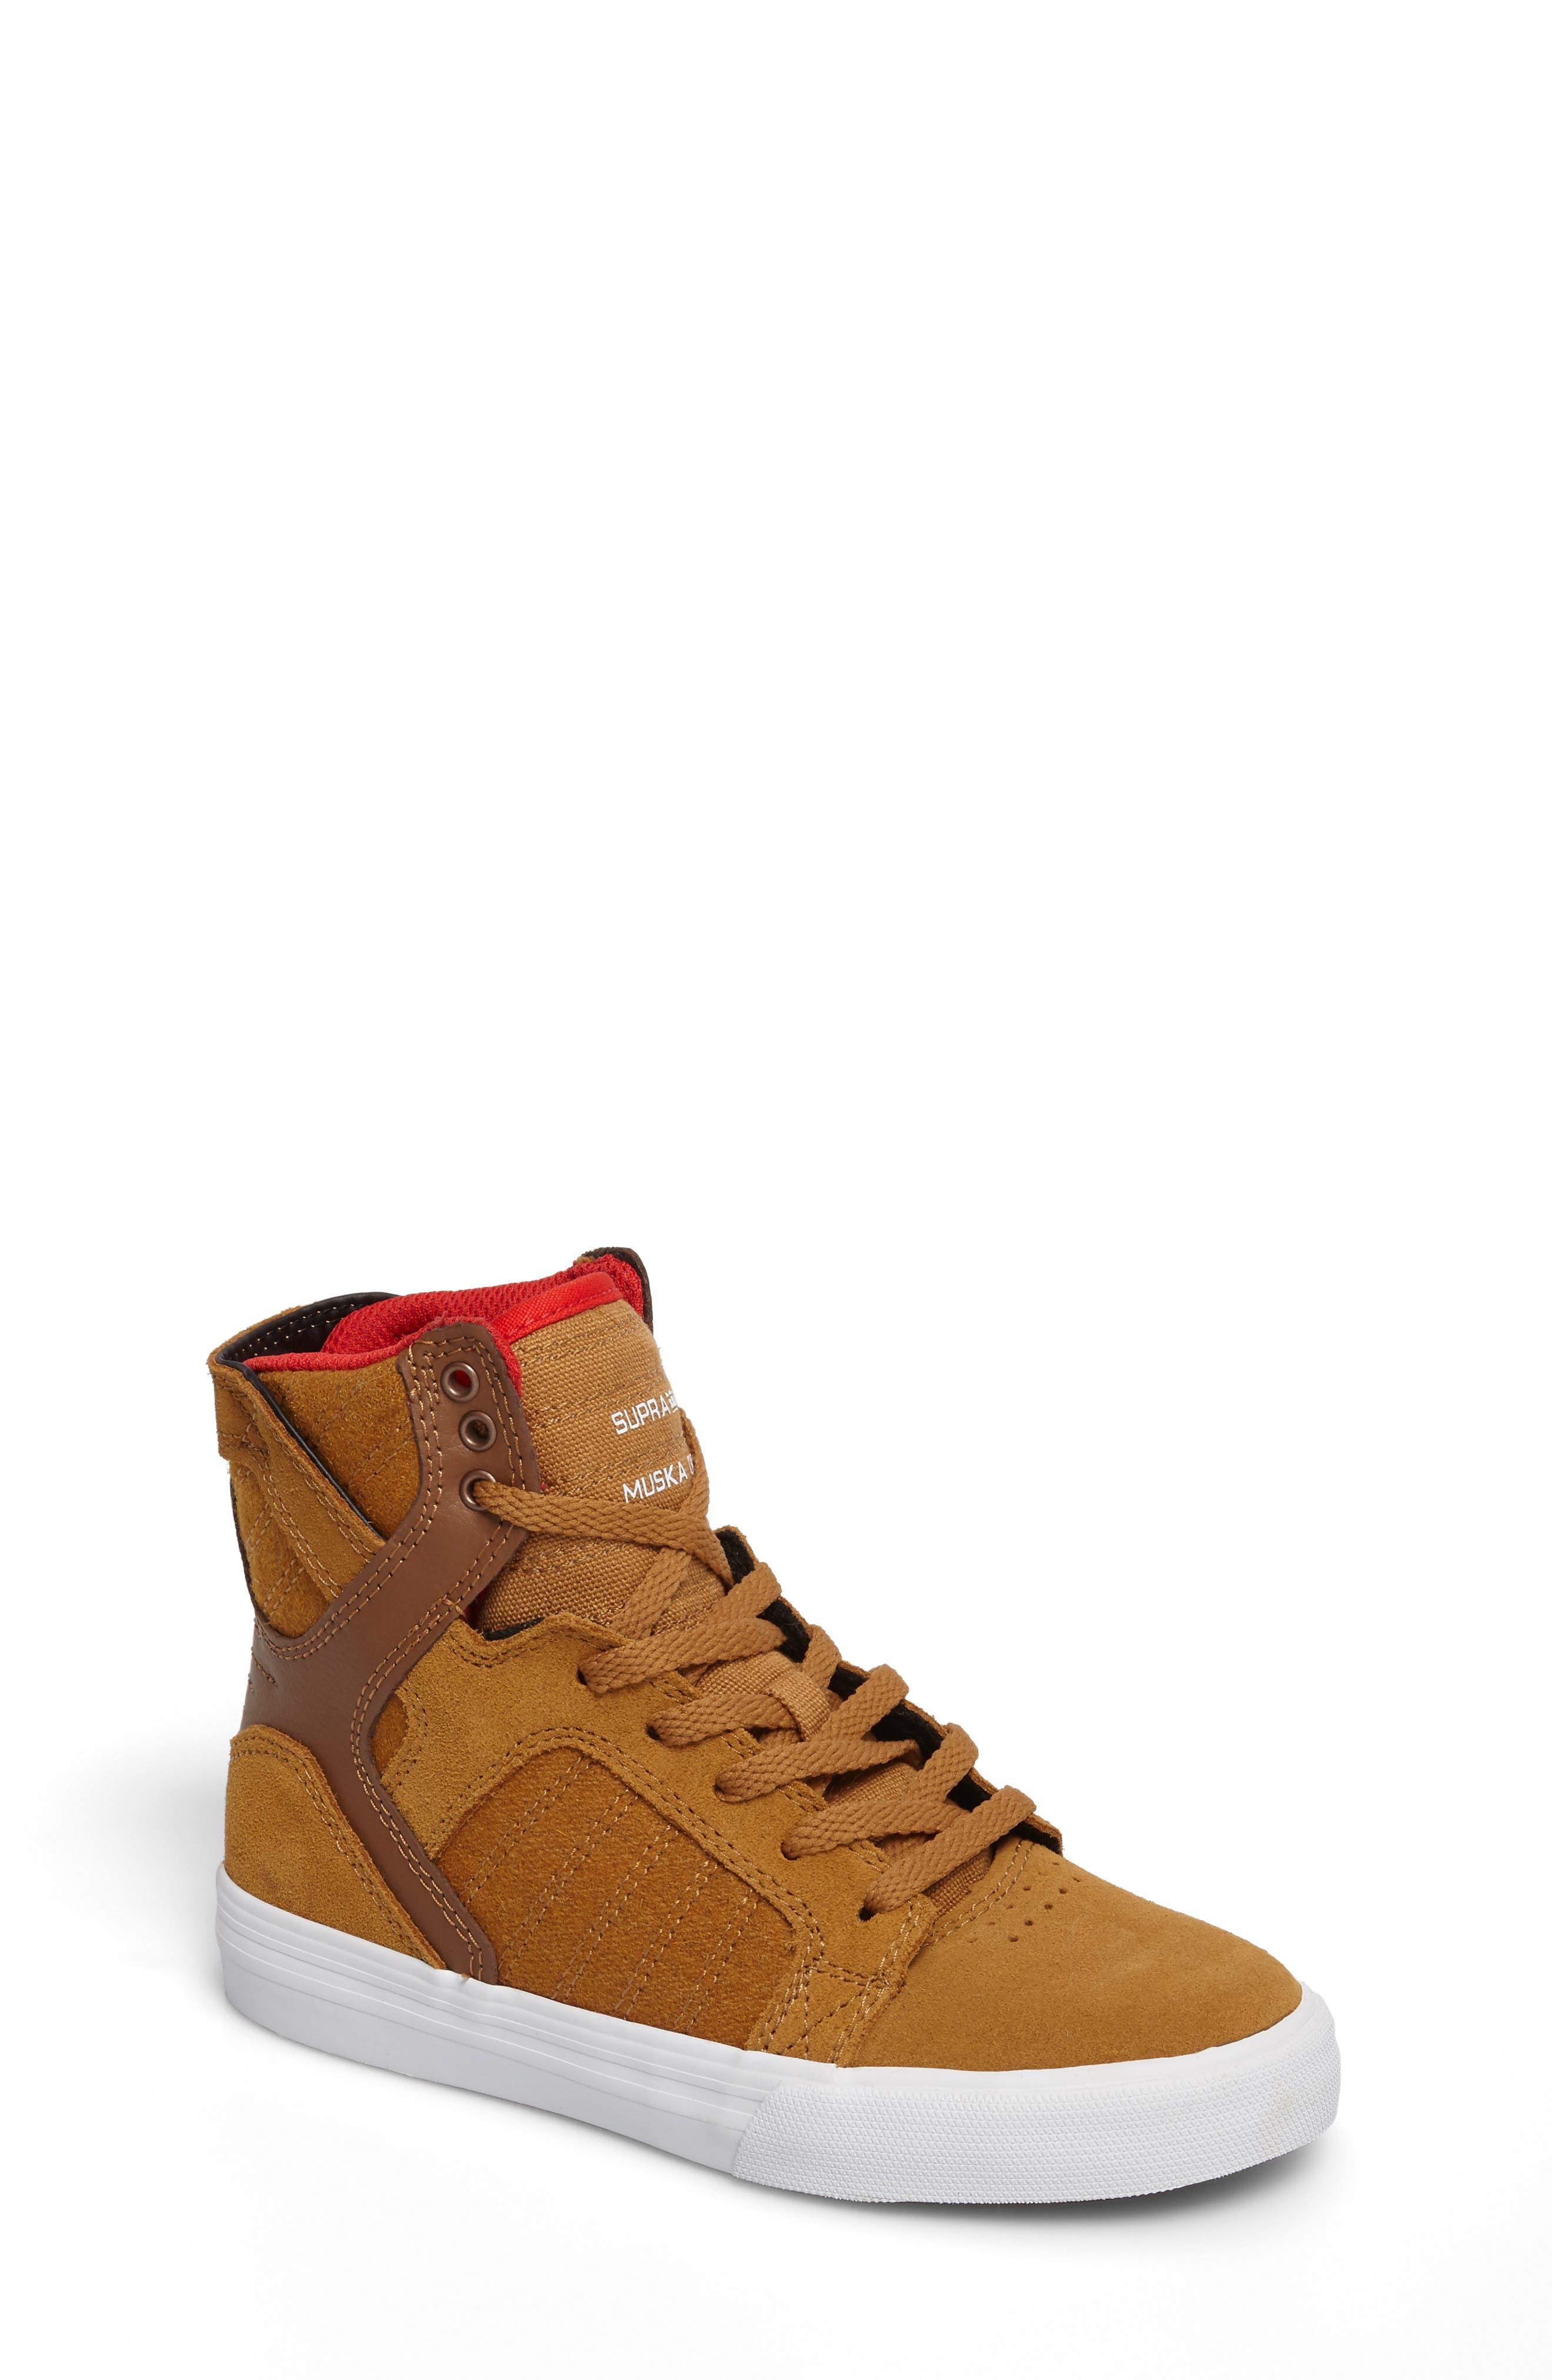 Supra Skytop High Top Sneaker (Toddler, Little Kid & Big Kid)